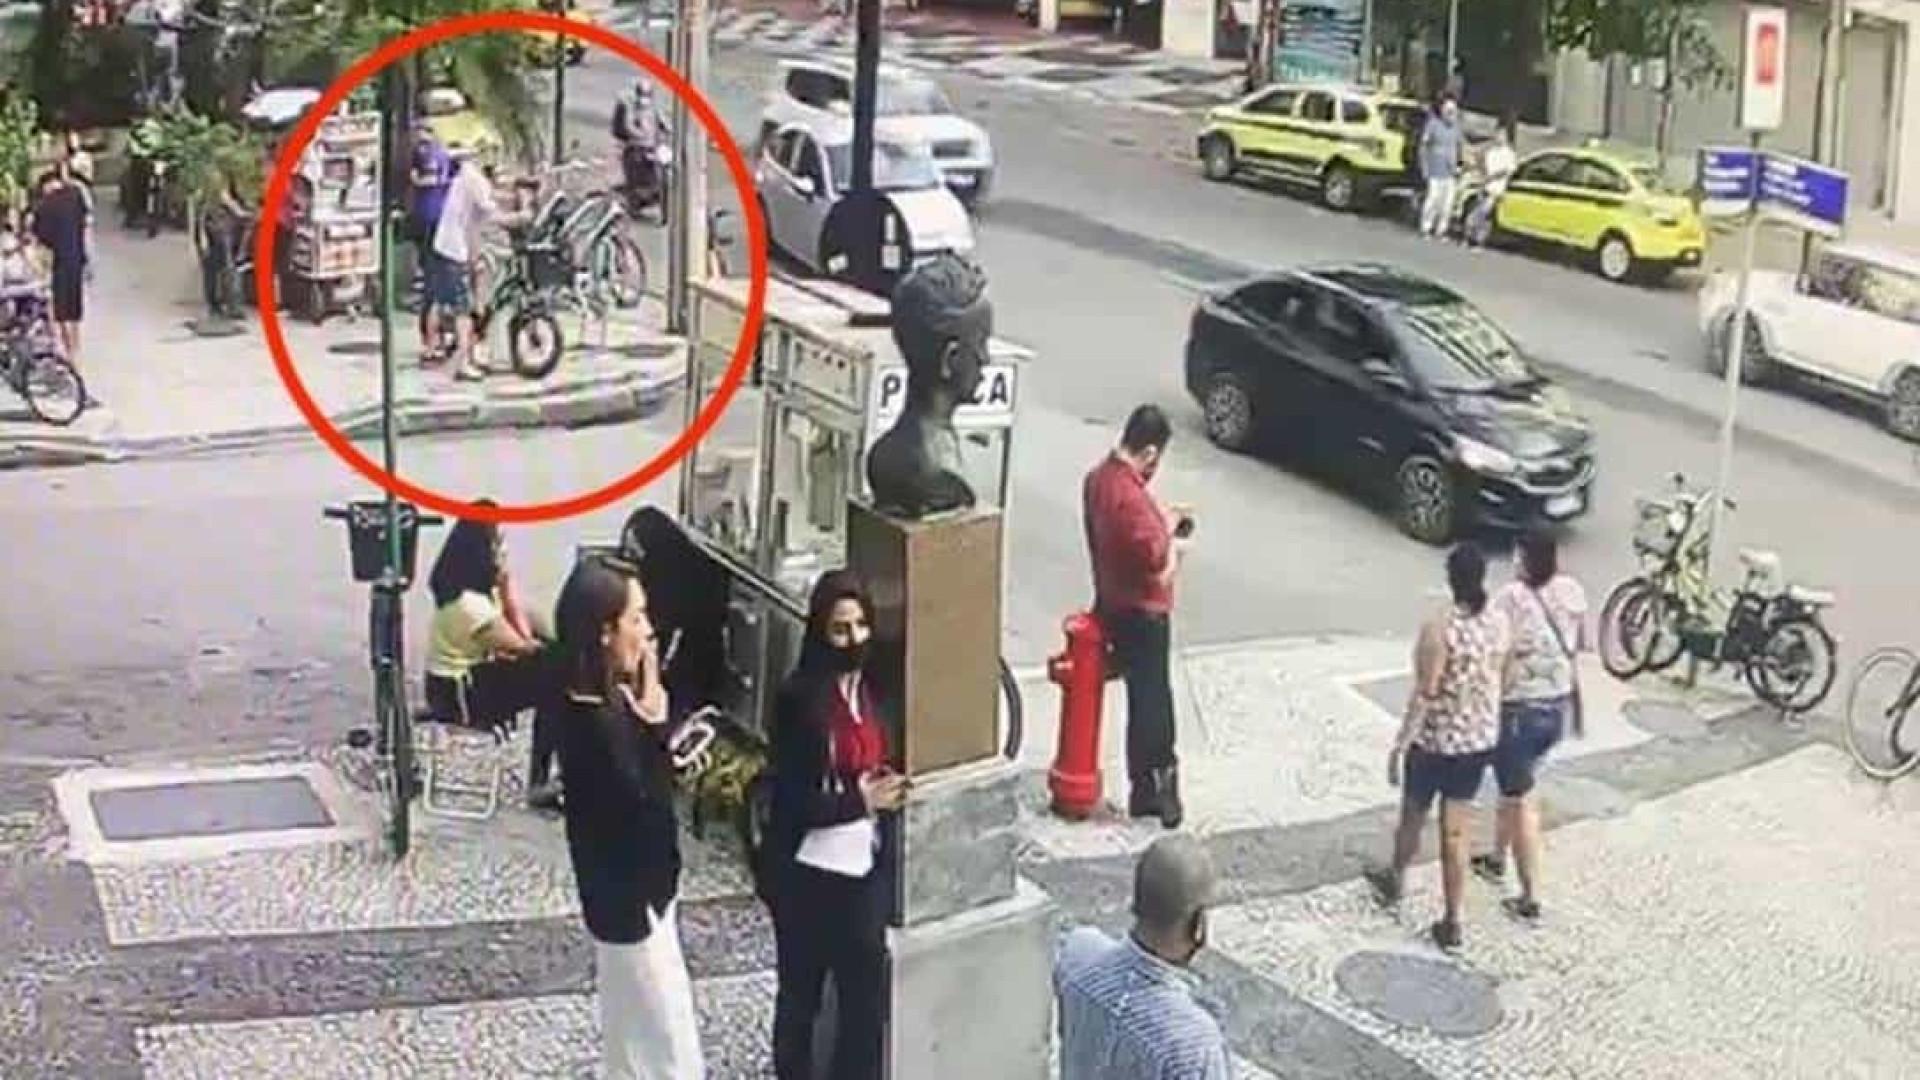 Polícia prende homem branco por furto de bicicleta após donos acusarem jovem negro